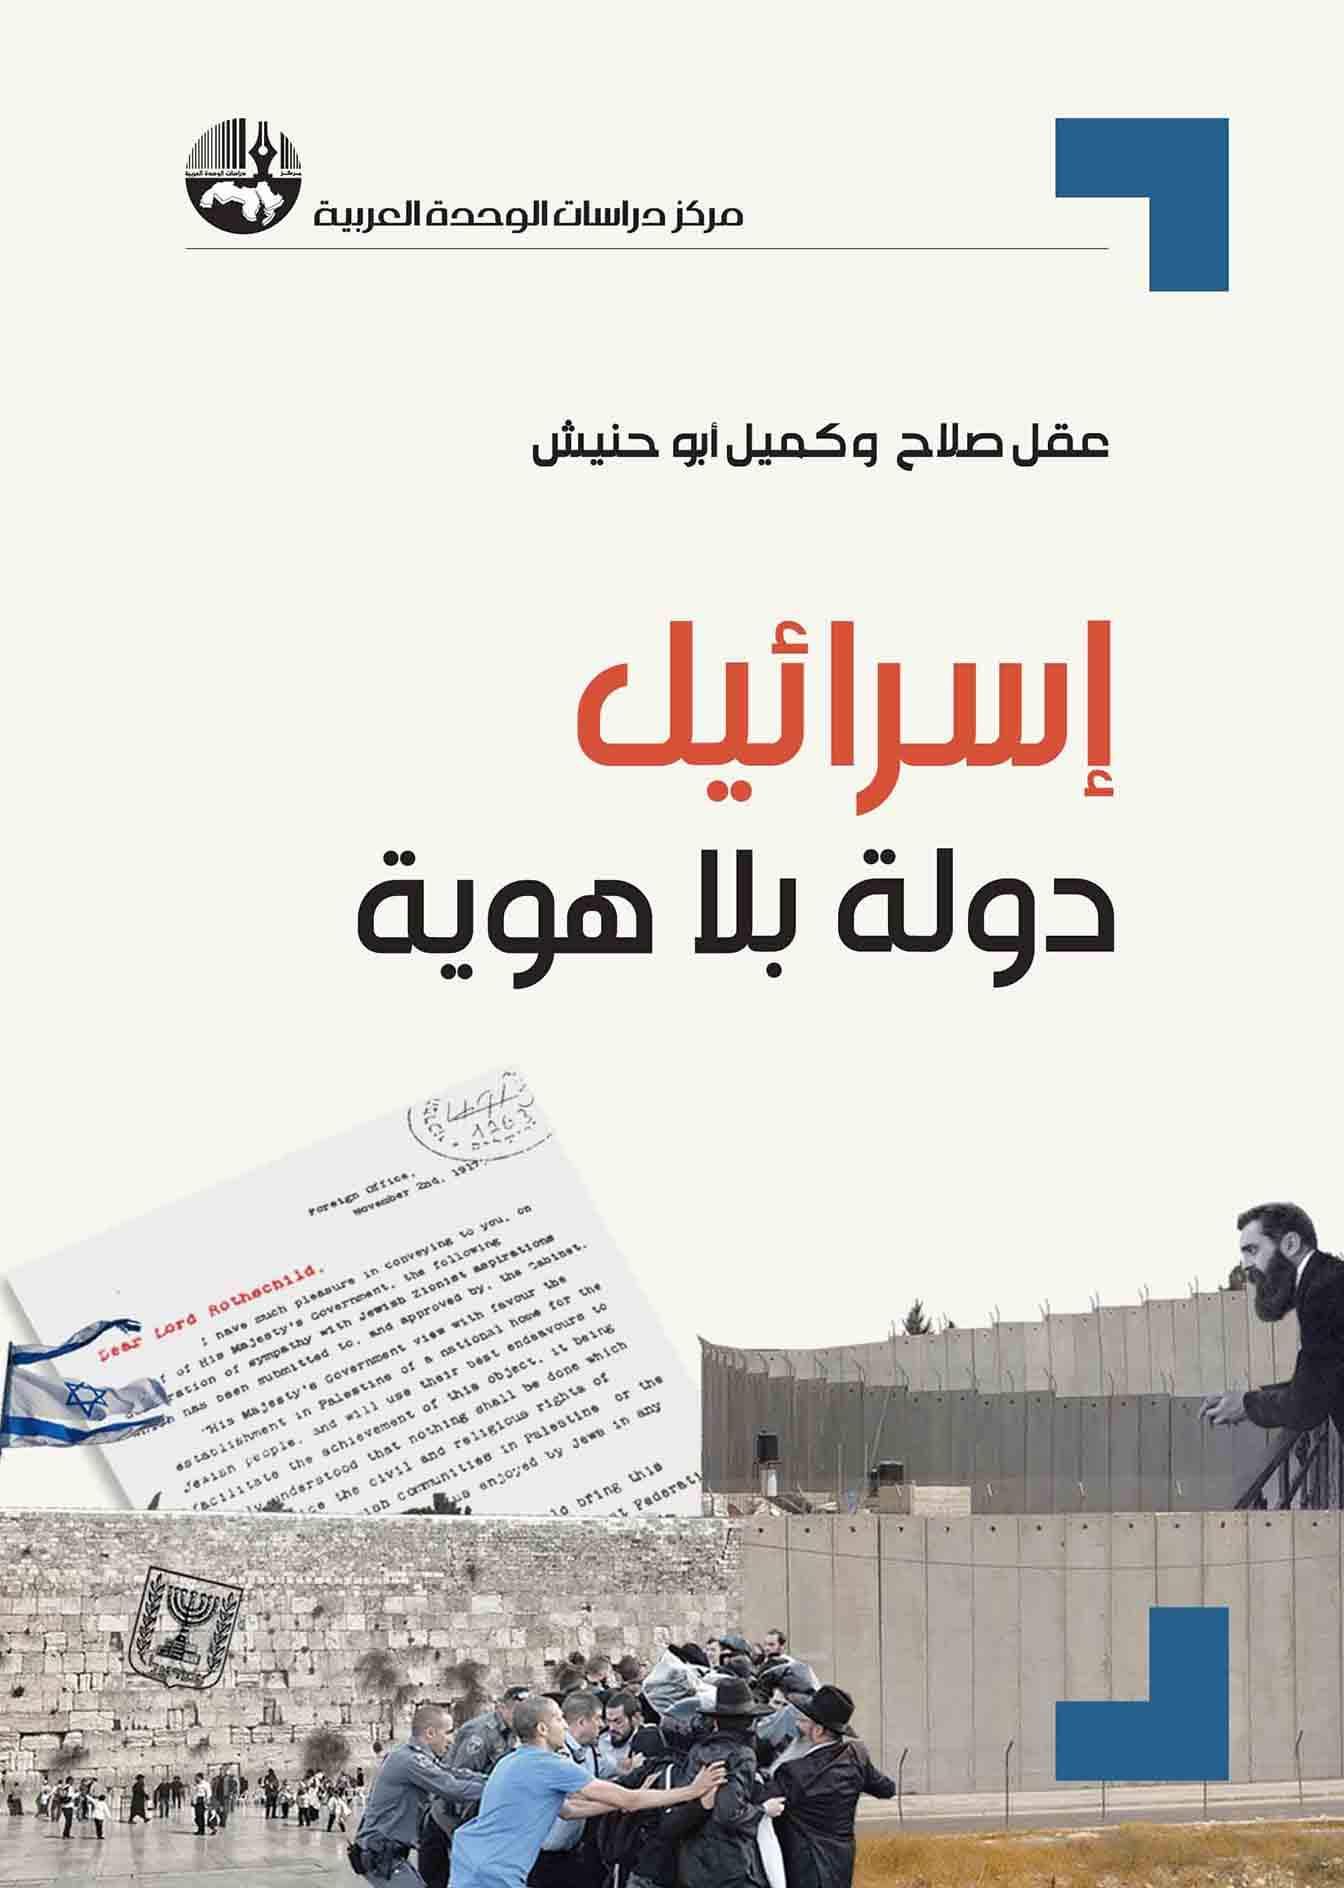 إسرائيل:دولة بلا هوية